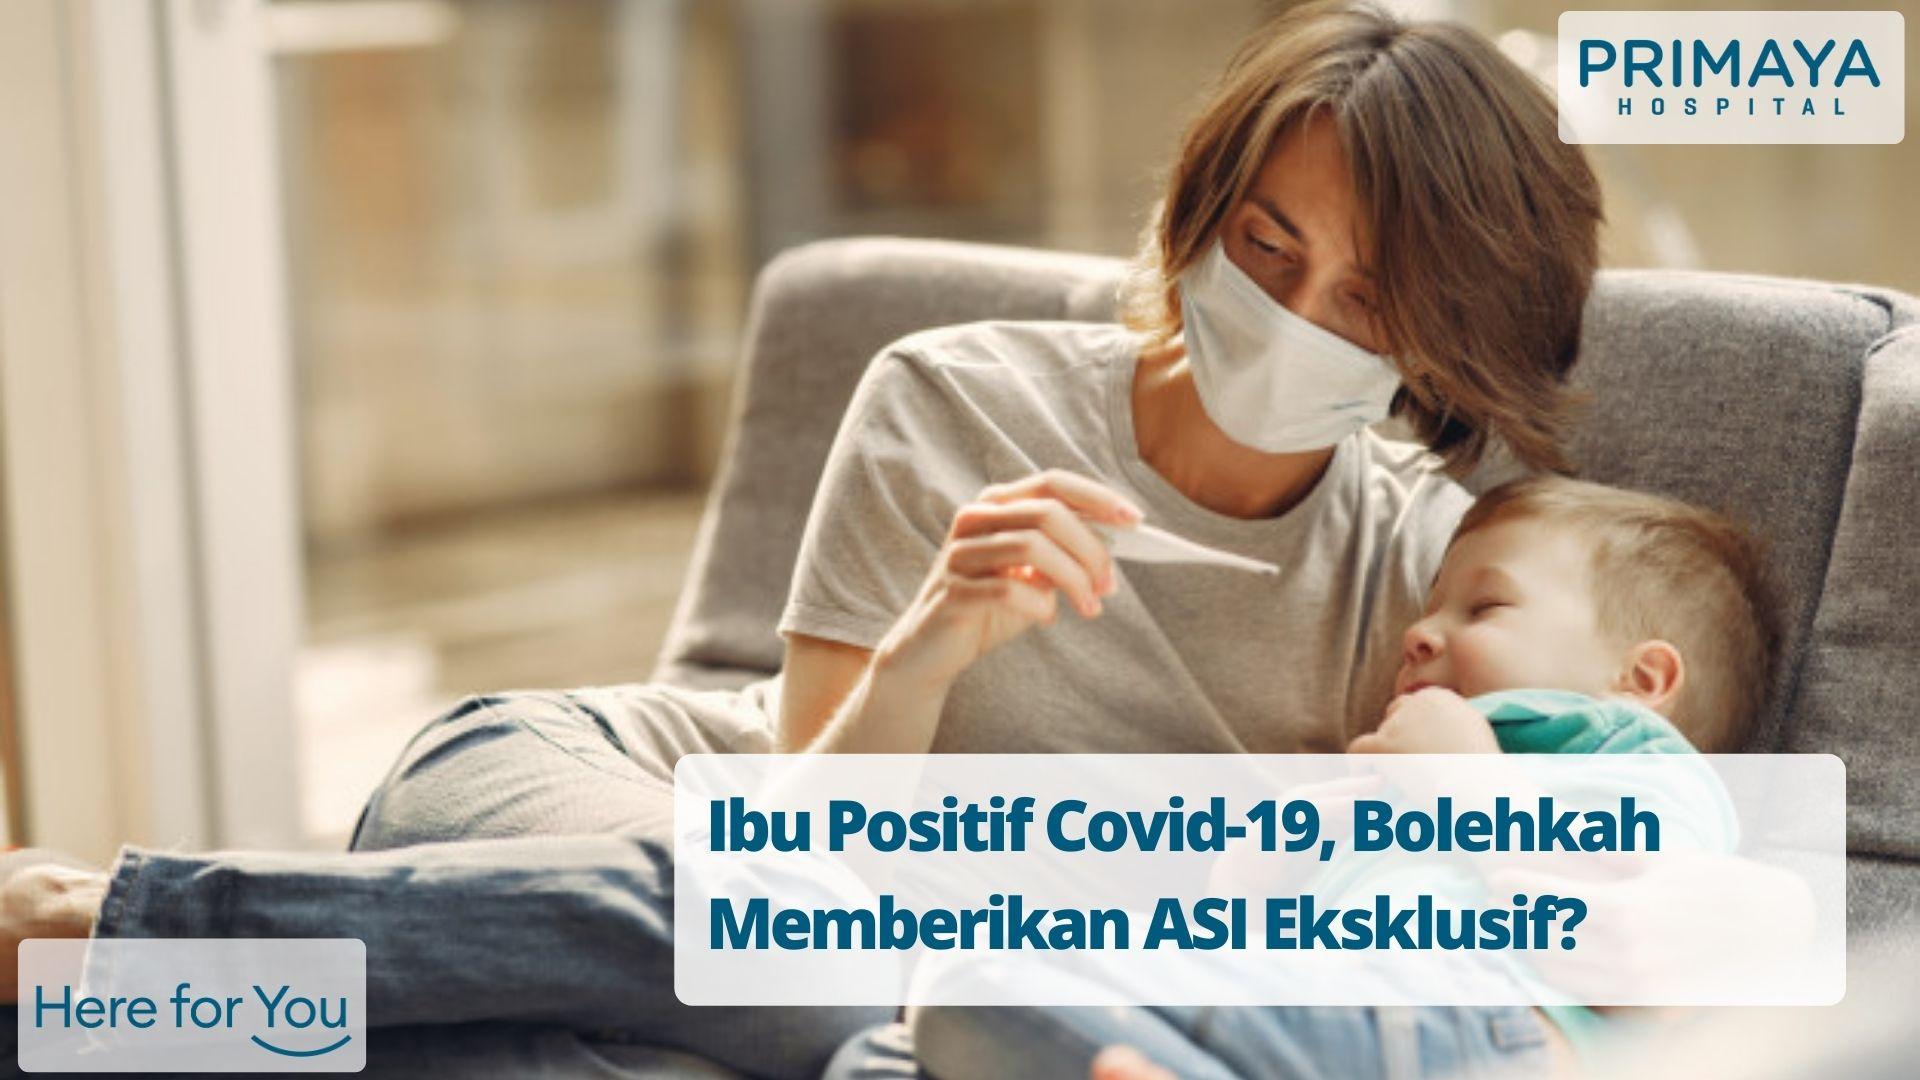 Ibu Positif Covid-19, Bolehkah Memberikan ASI Eksklusif?